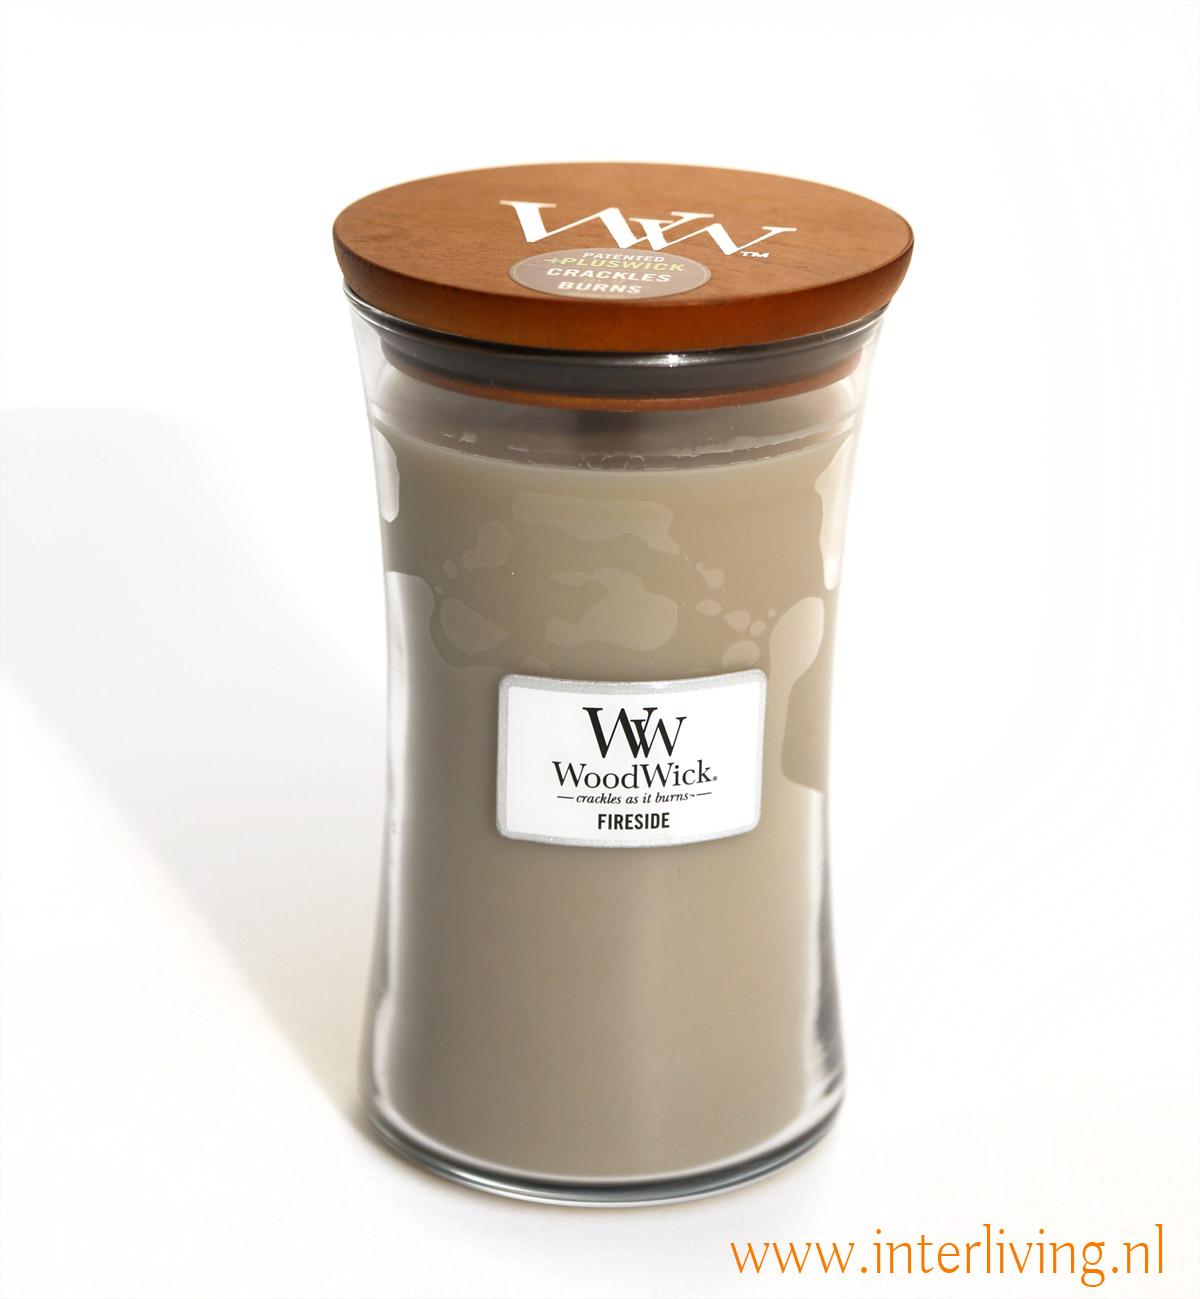 Fireside geur kaars is de warme en natuurlijke geur van amber, vetiver ( een zoete grondige geur van tropische grassoorten uit India) en musk